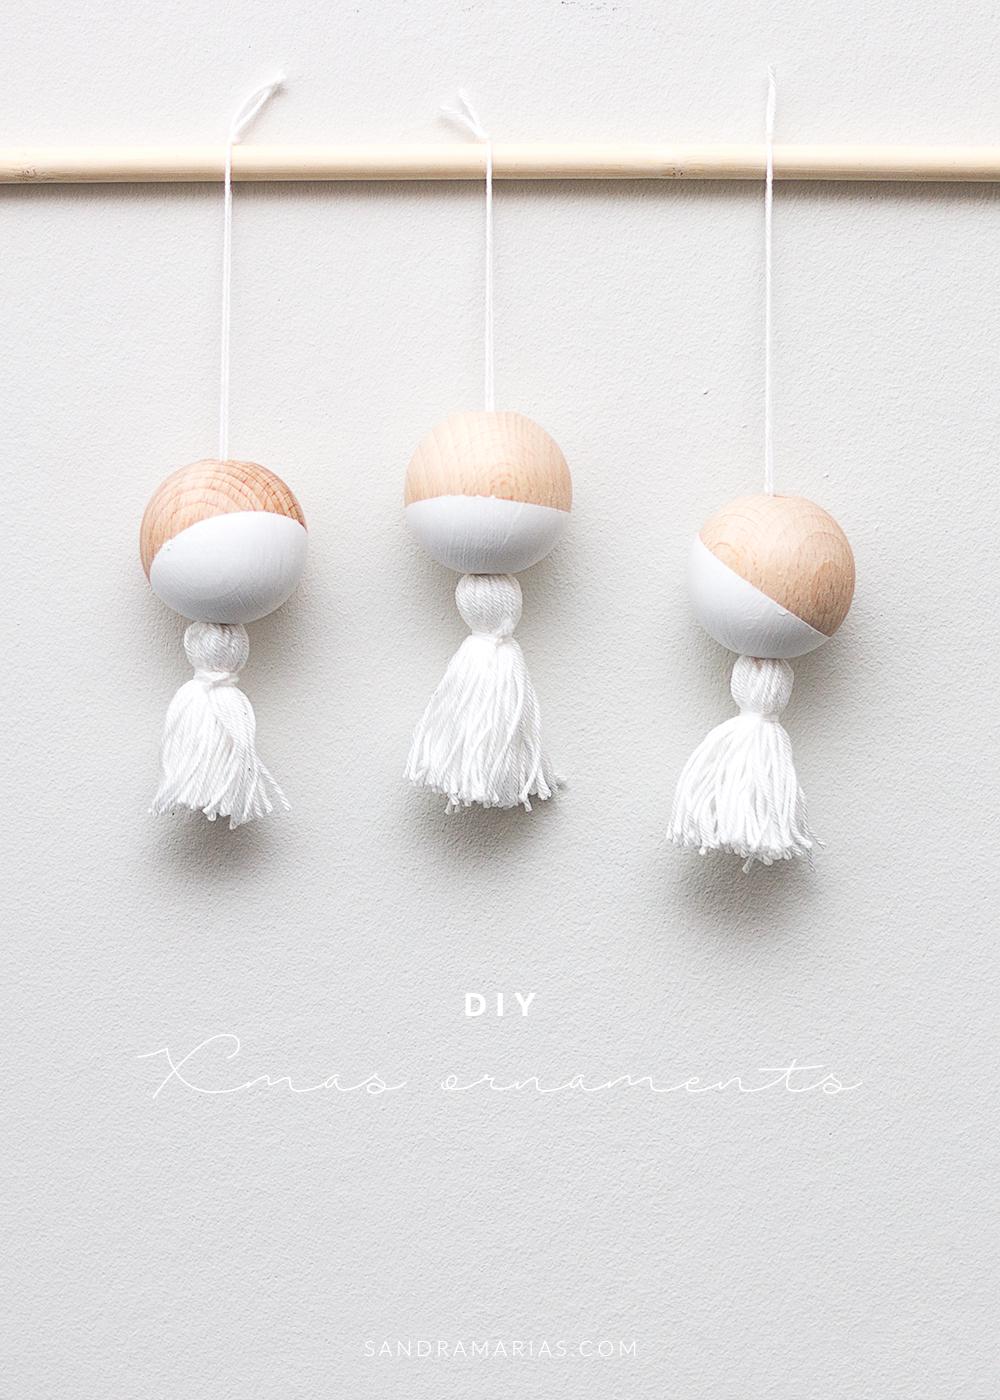 DIY | Jul | Egna julgranskulor i trä | Annorlunda julgransdekorationer | Sandramarias.com